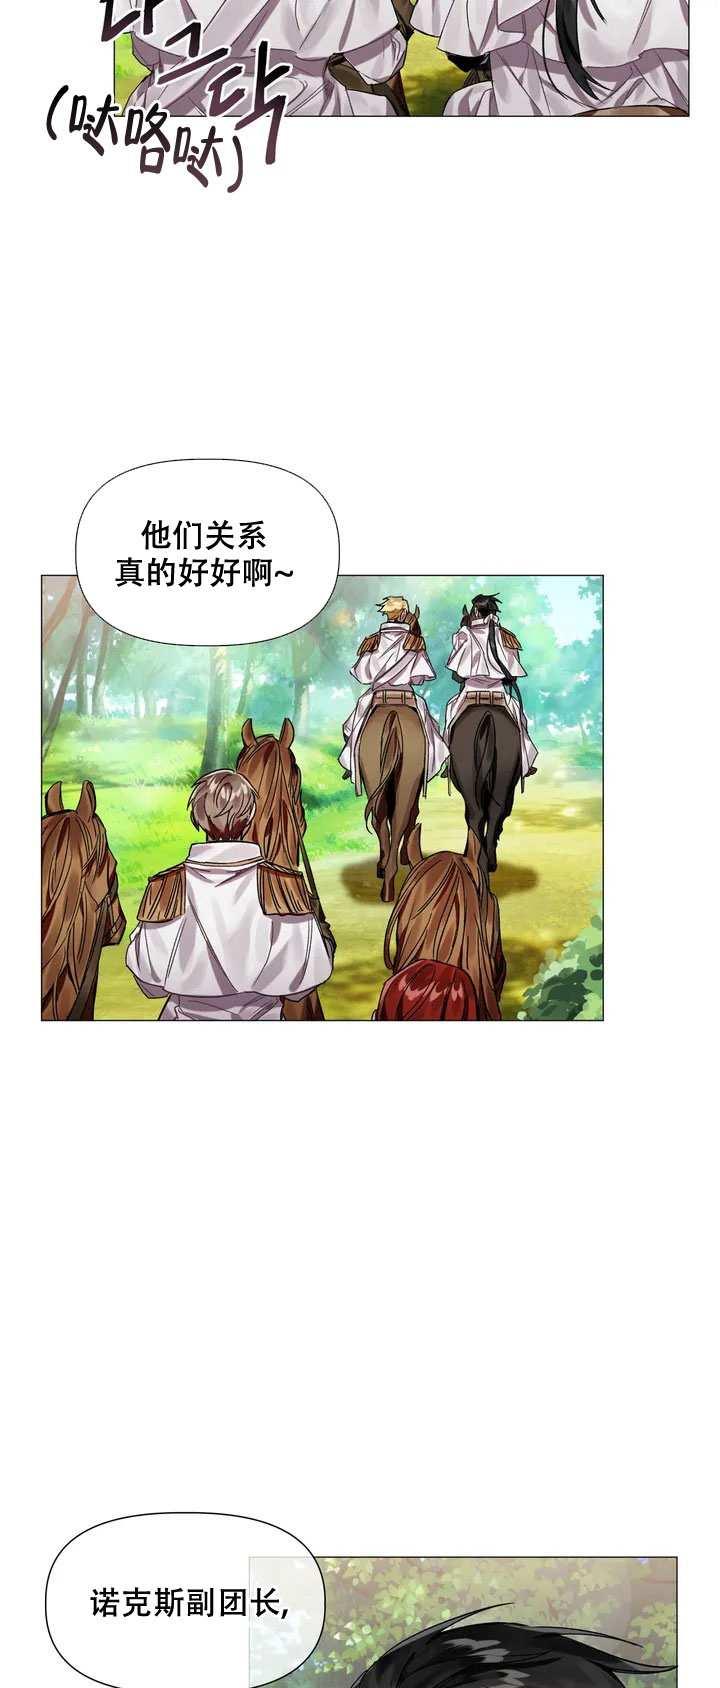 韩漫 |《被冤家求婚了》说好了把彼此当对手,你却要向我求婚  第3张